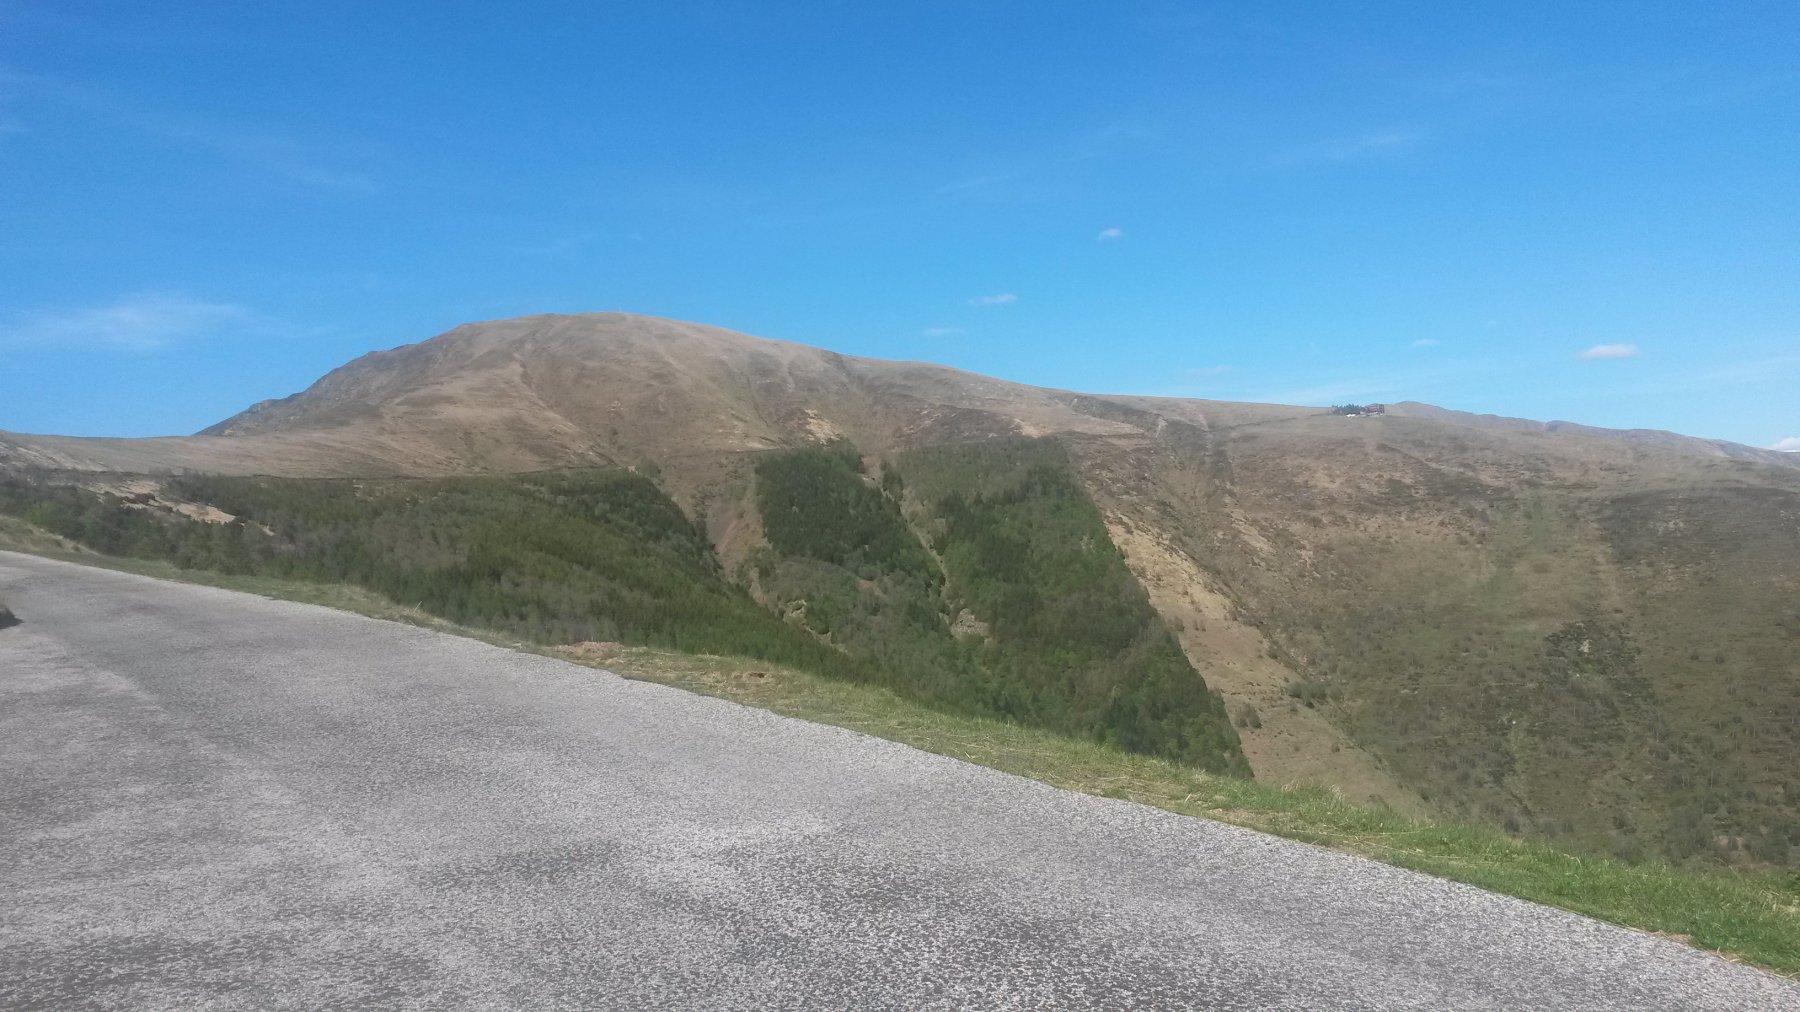 Alla fine della pendenze sostenute, il tratto panegiante prosegue sopra i pini e conduce alla capanna (visibile sulla destra).